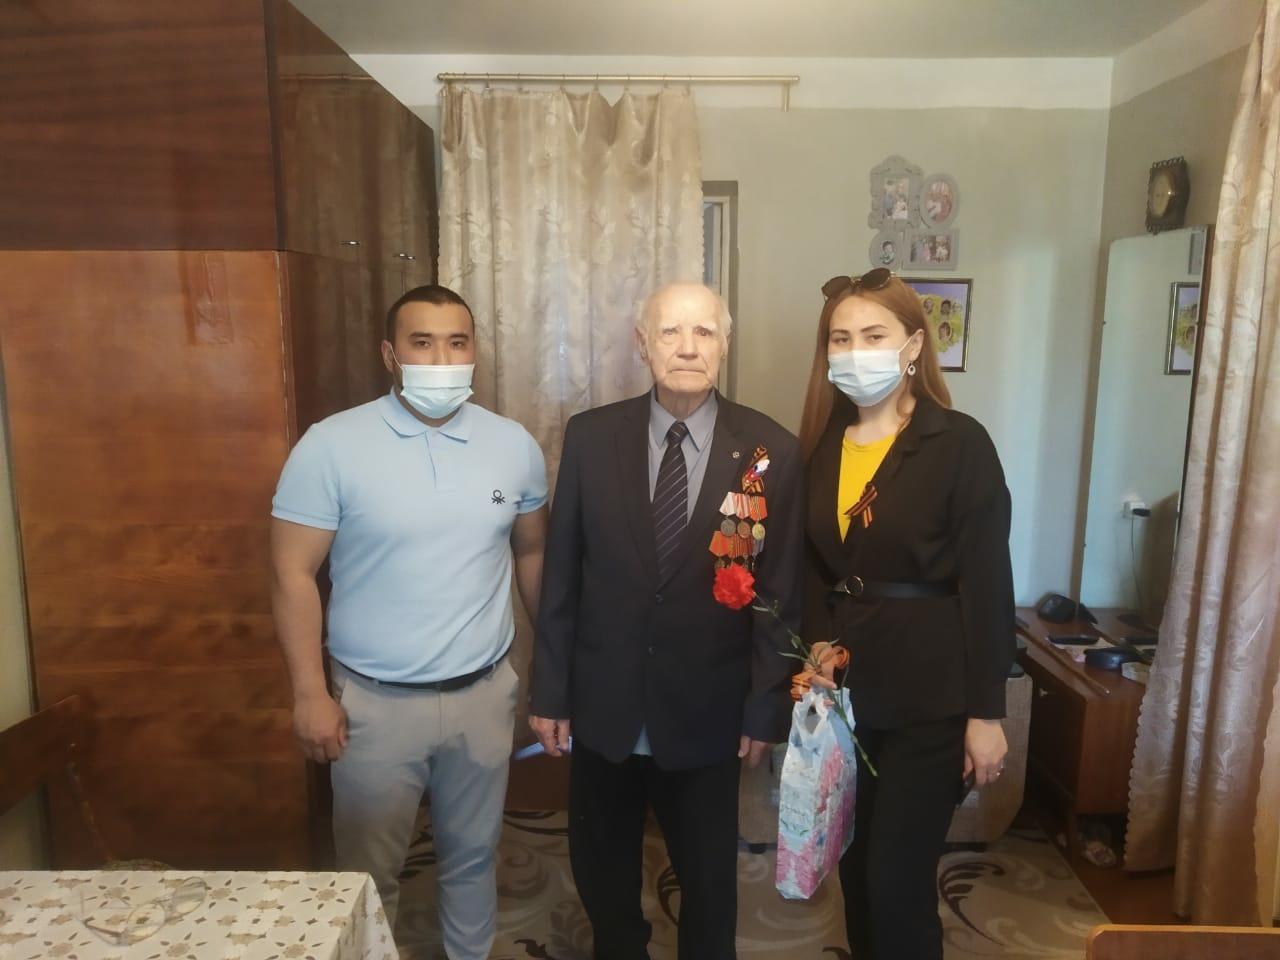 Поздравили ветеранов, навели порядок у мемориалов, раздали Георгиевские ленты: волонтеры ПривЖД провели акции в честь Дня Победы